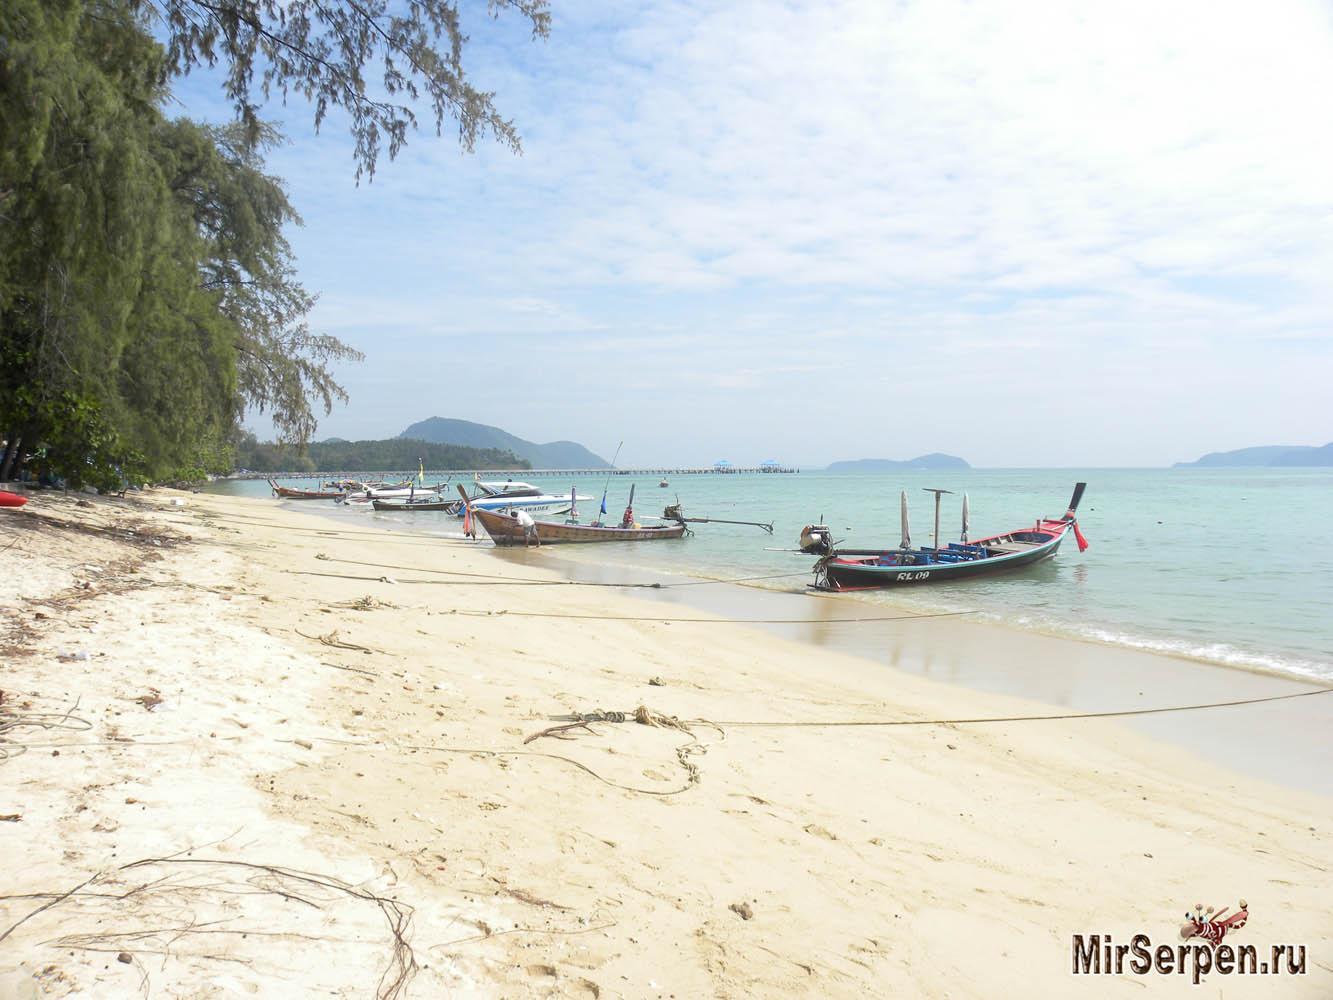 Фото дня: Пляж на острове Пхукет, Таиланд